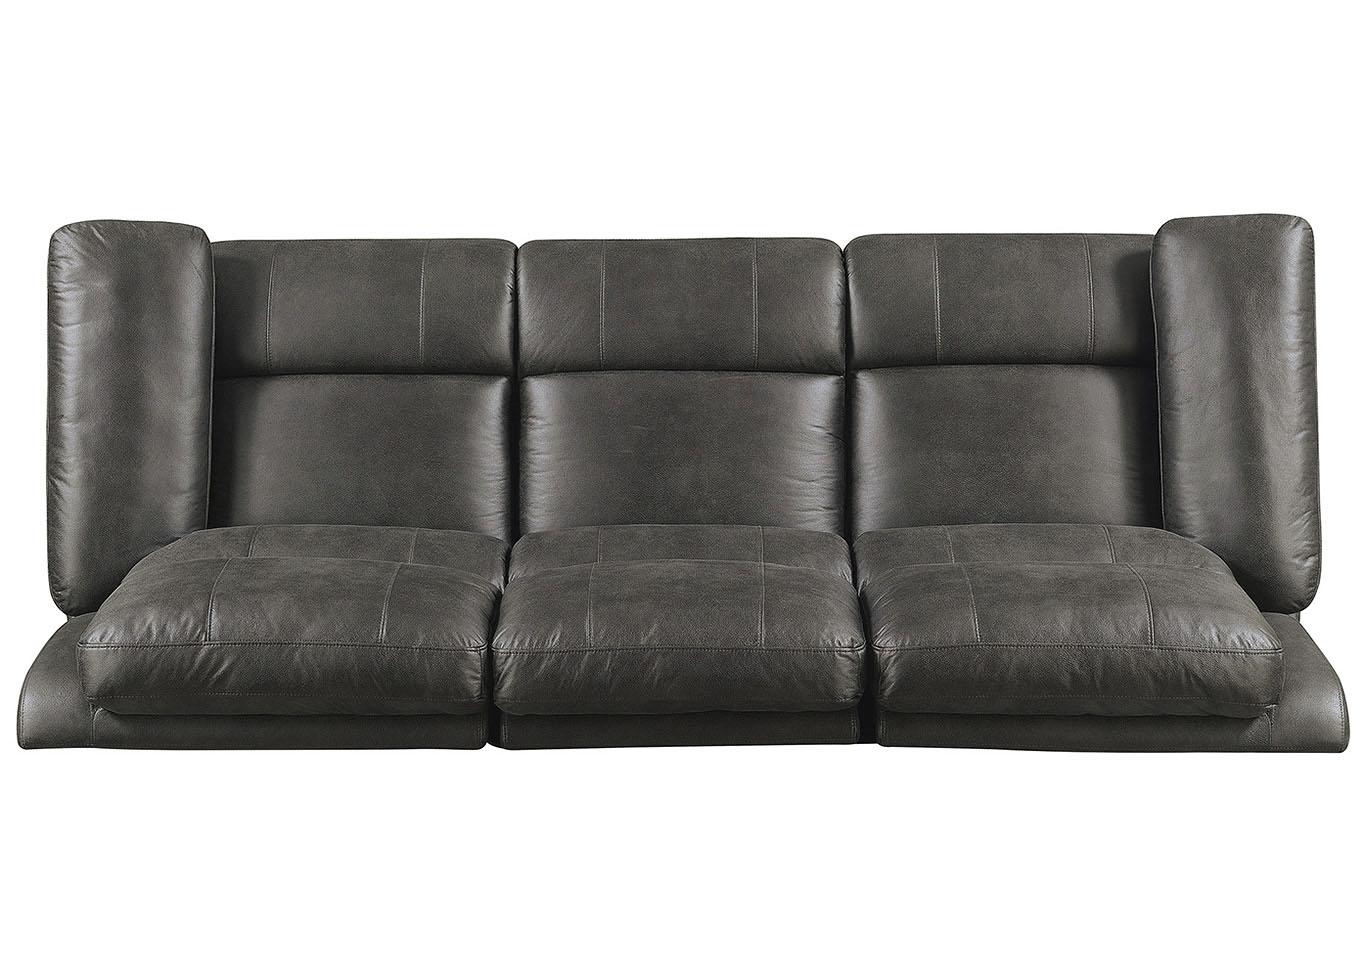 Super Best Buy Furniture And Mattress Julia Dark Gray Power Motion Machost Co Dining Chair Design Ideas Machostcouk